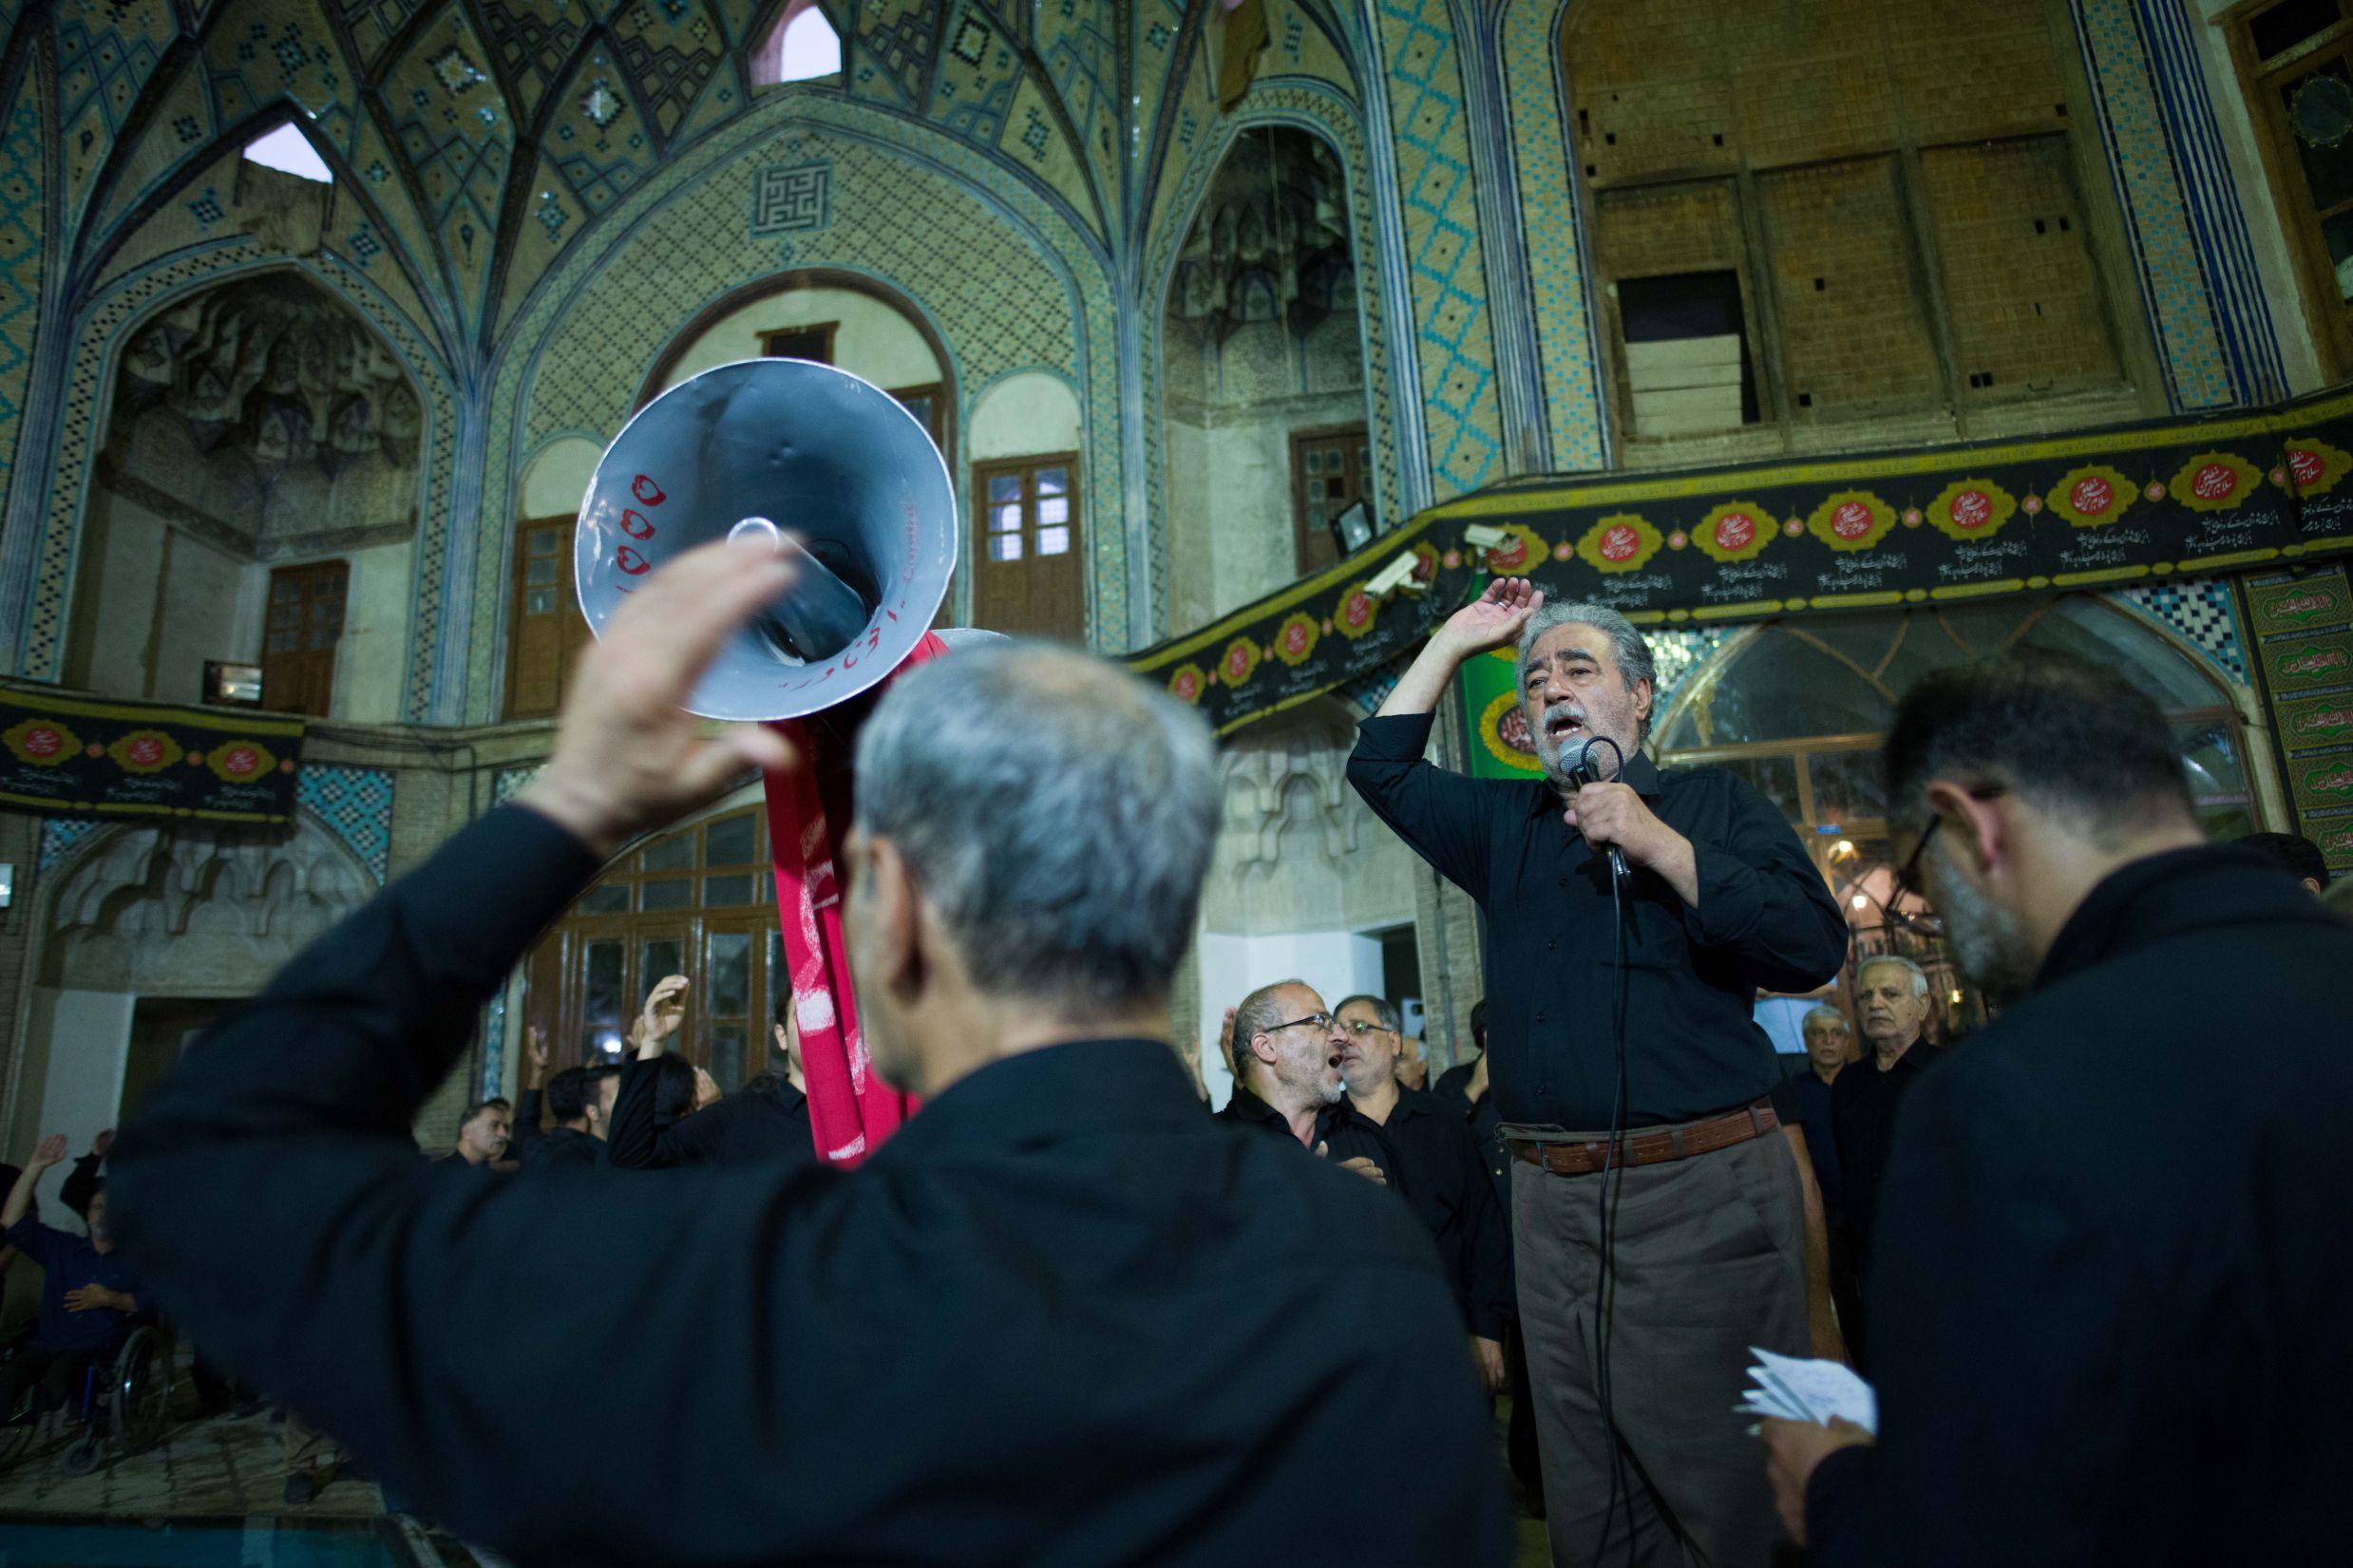 Ya Hossein chants. Kashan bazaar